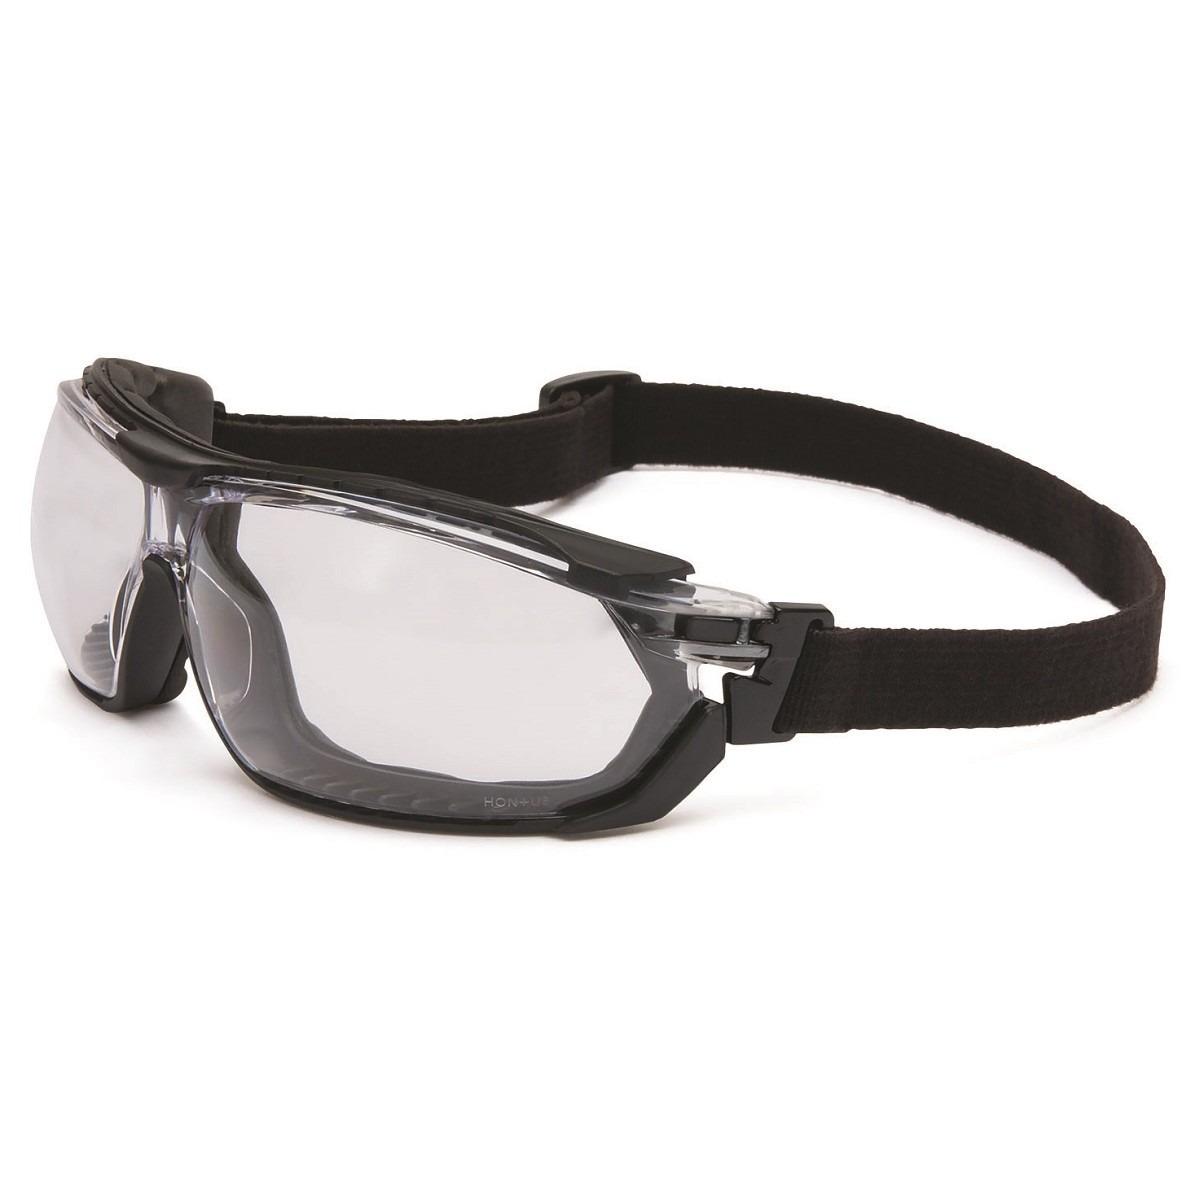 02b3841c42e73 Óculos Com Haste Elástica